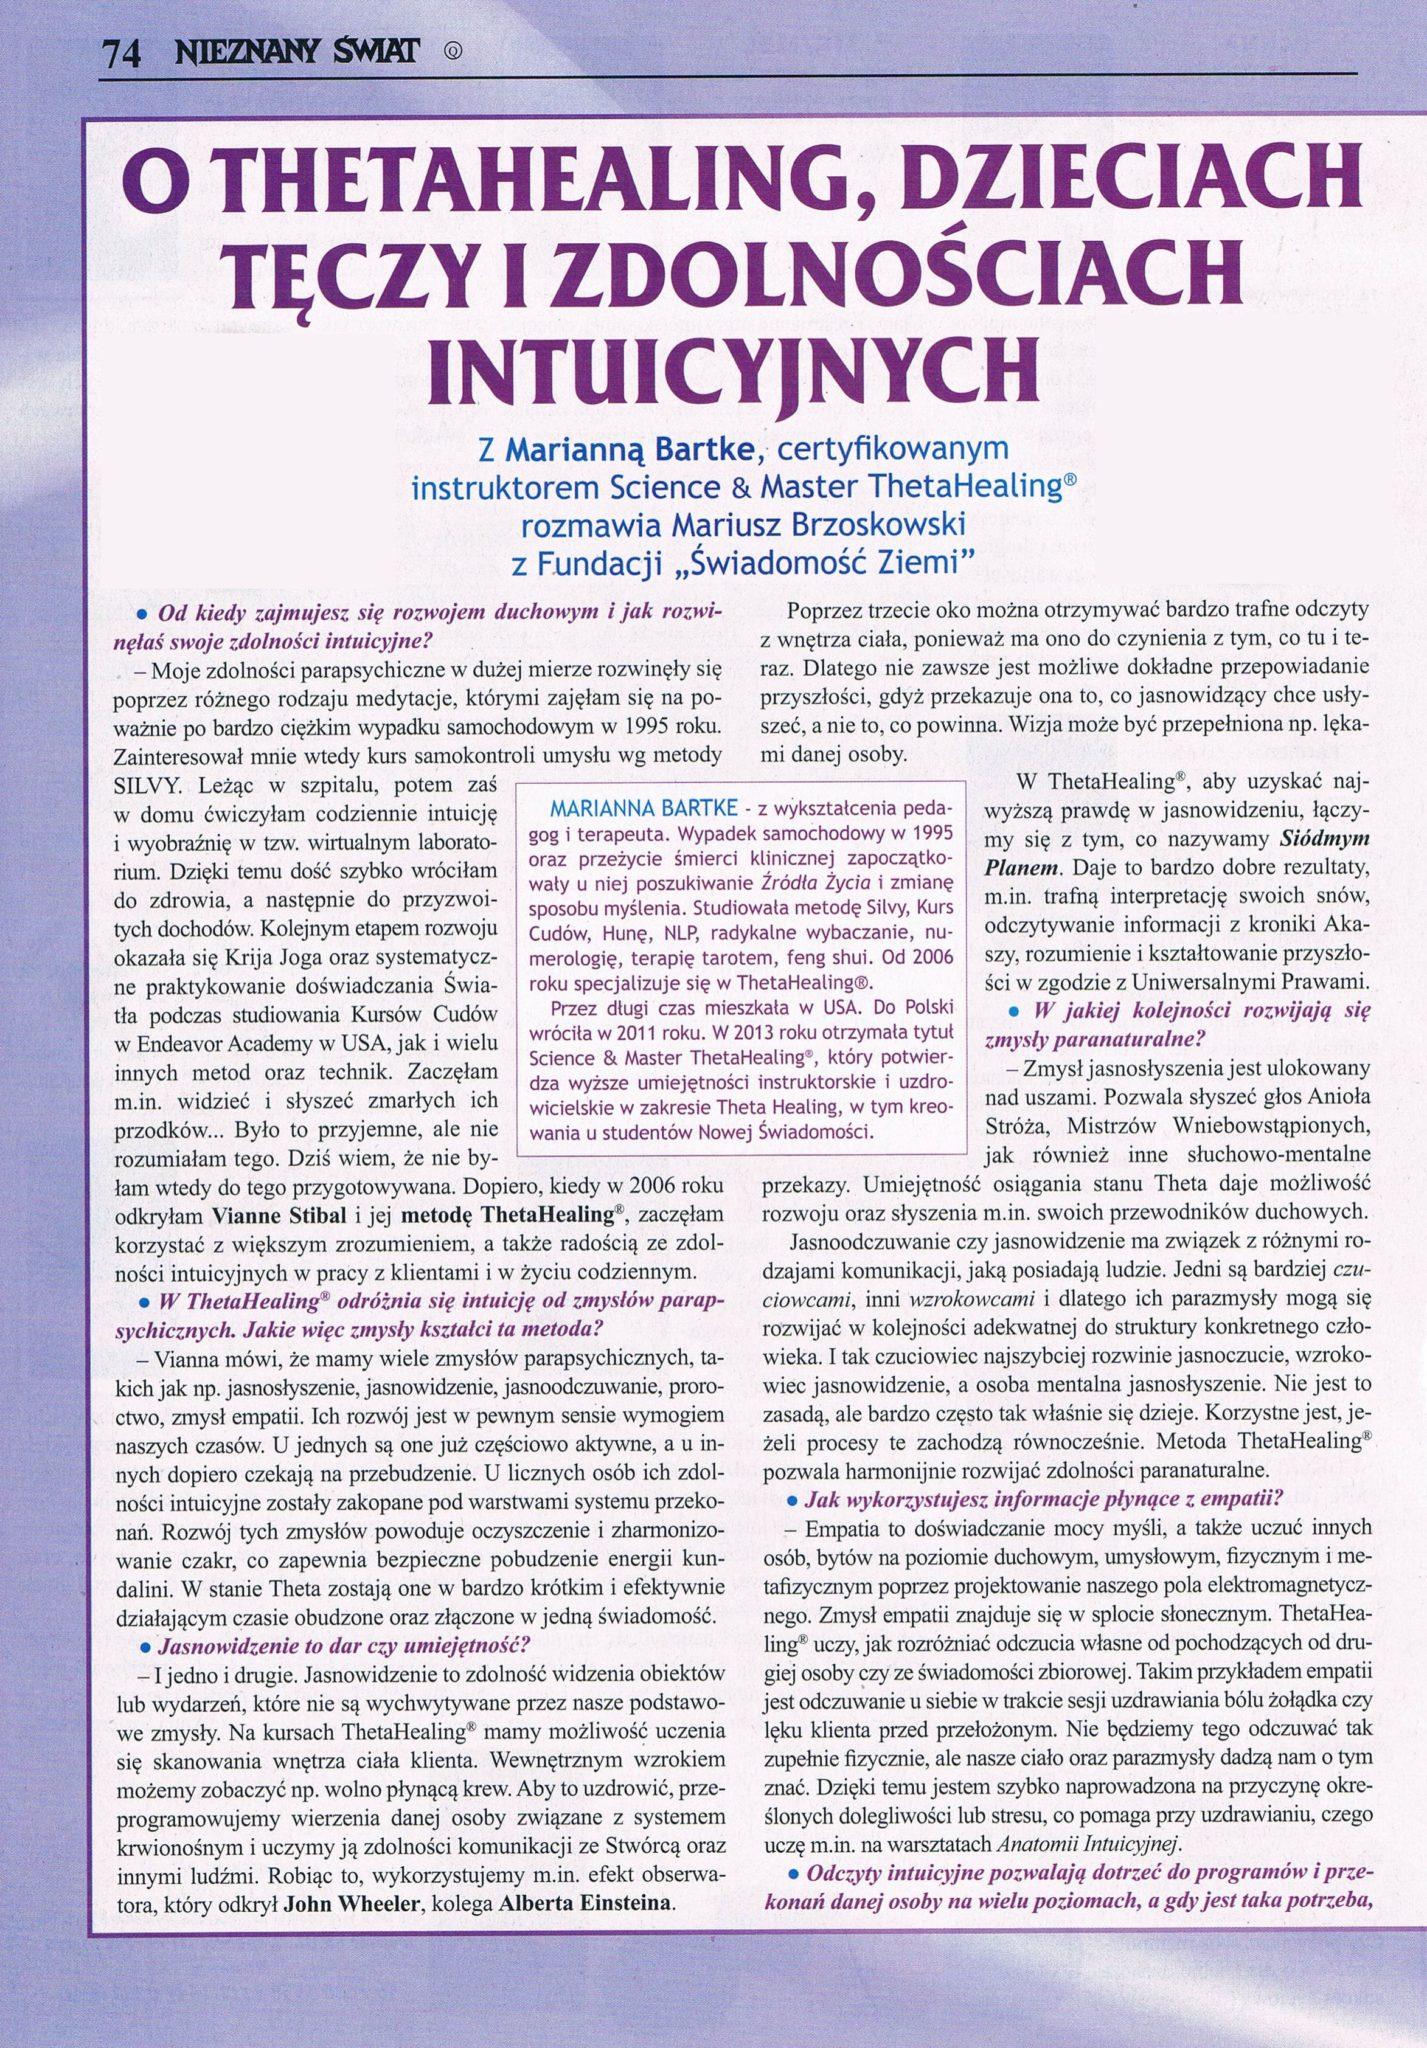 Nieznany Świat - O ThetaHealing, Dzieciach Tęczy i zdolnościach intuicyjnych. cz.1